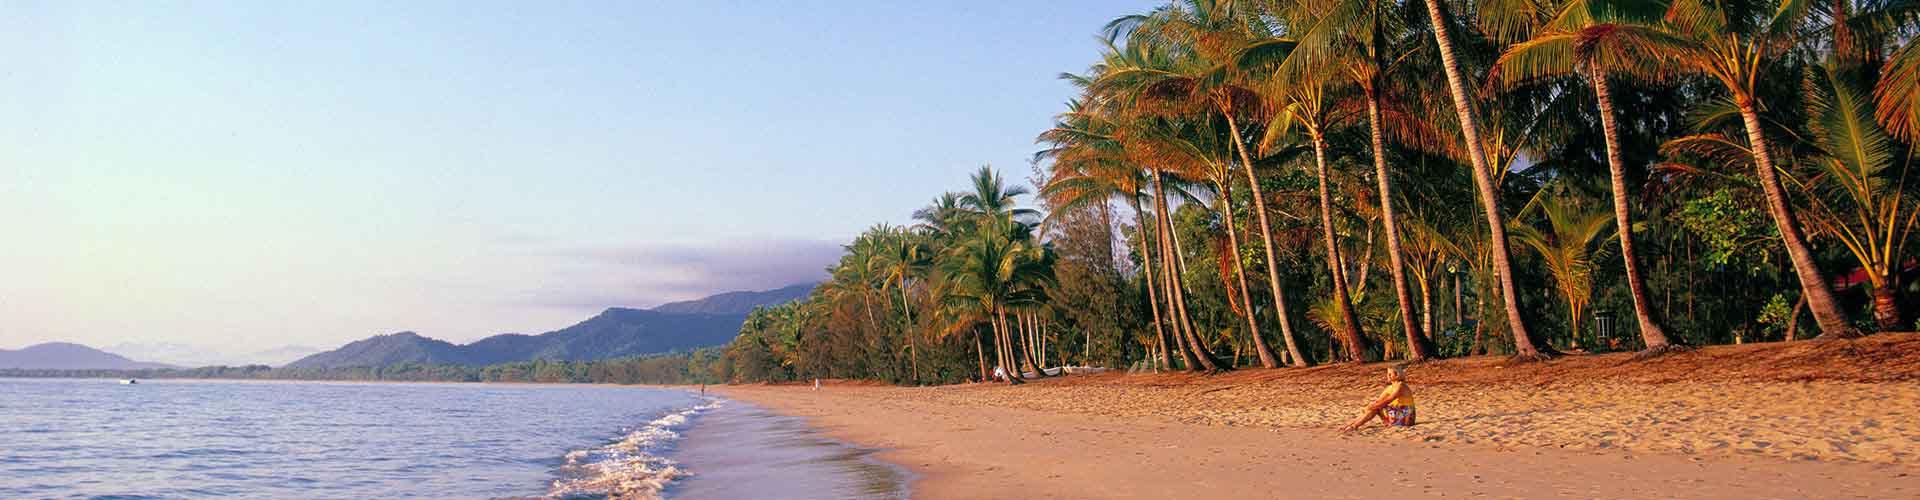 Cairns - Ifjúsági Szállások Cairnsben. Cairns térképek, fotók és ajánlások minden egyes ifjúsági szállásokra Cairns-ben.